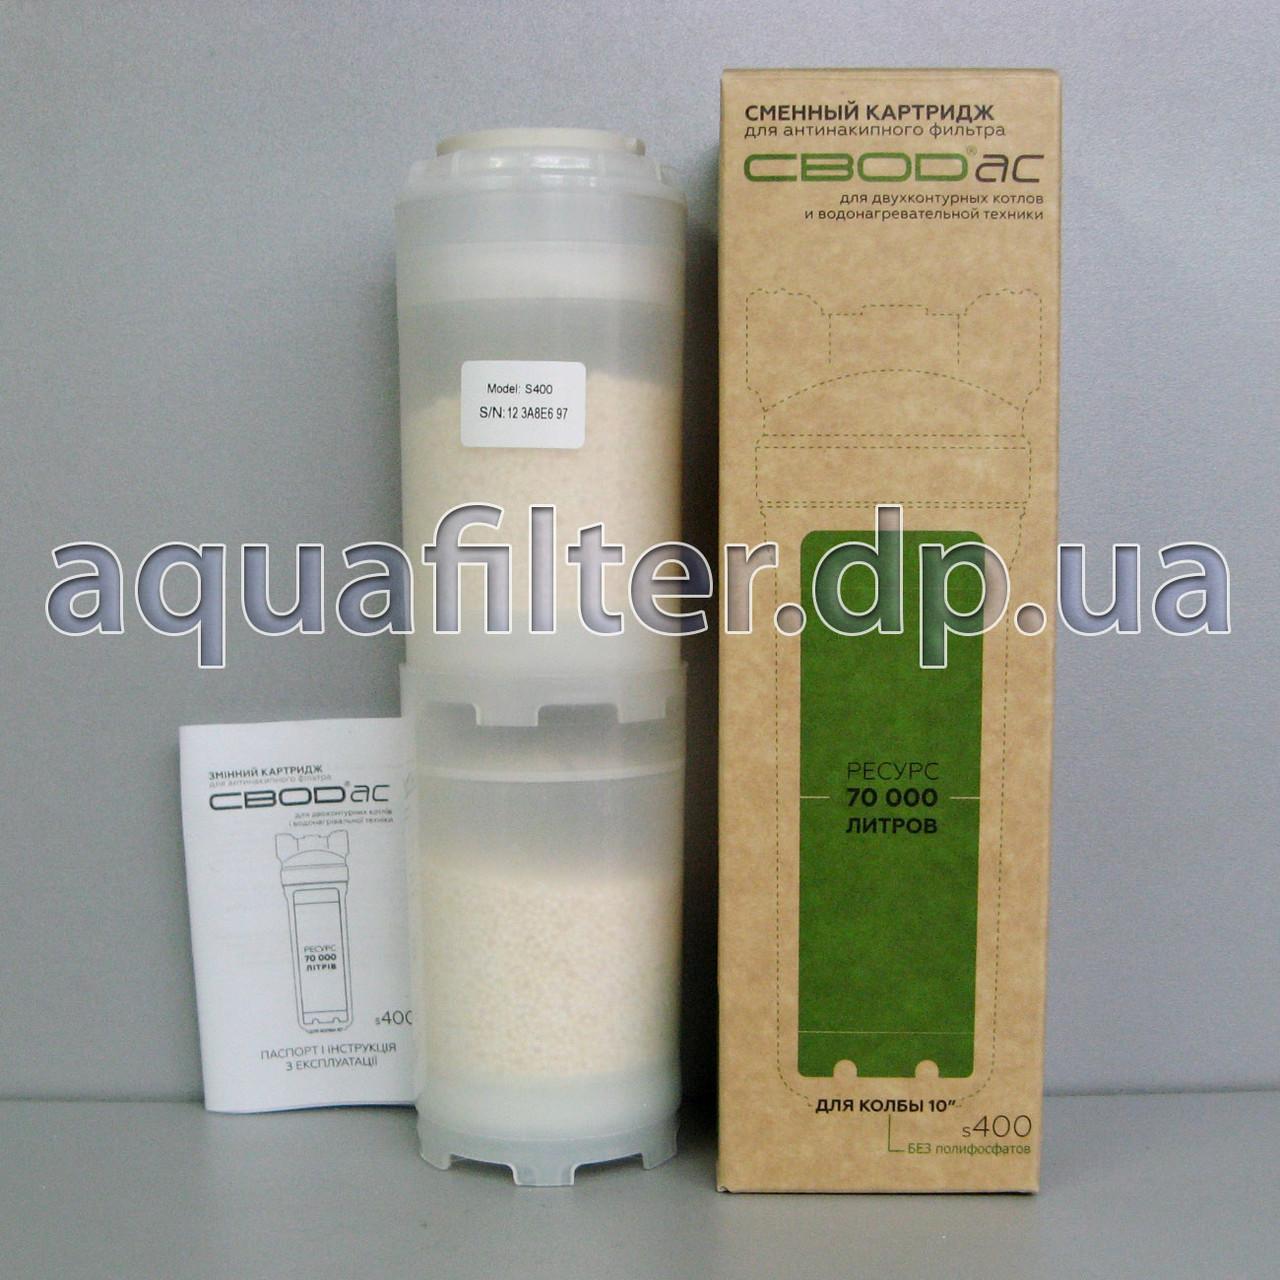 Картридж от накипи для воды СВОД-АС S400